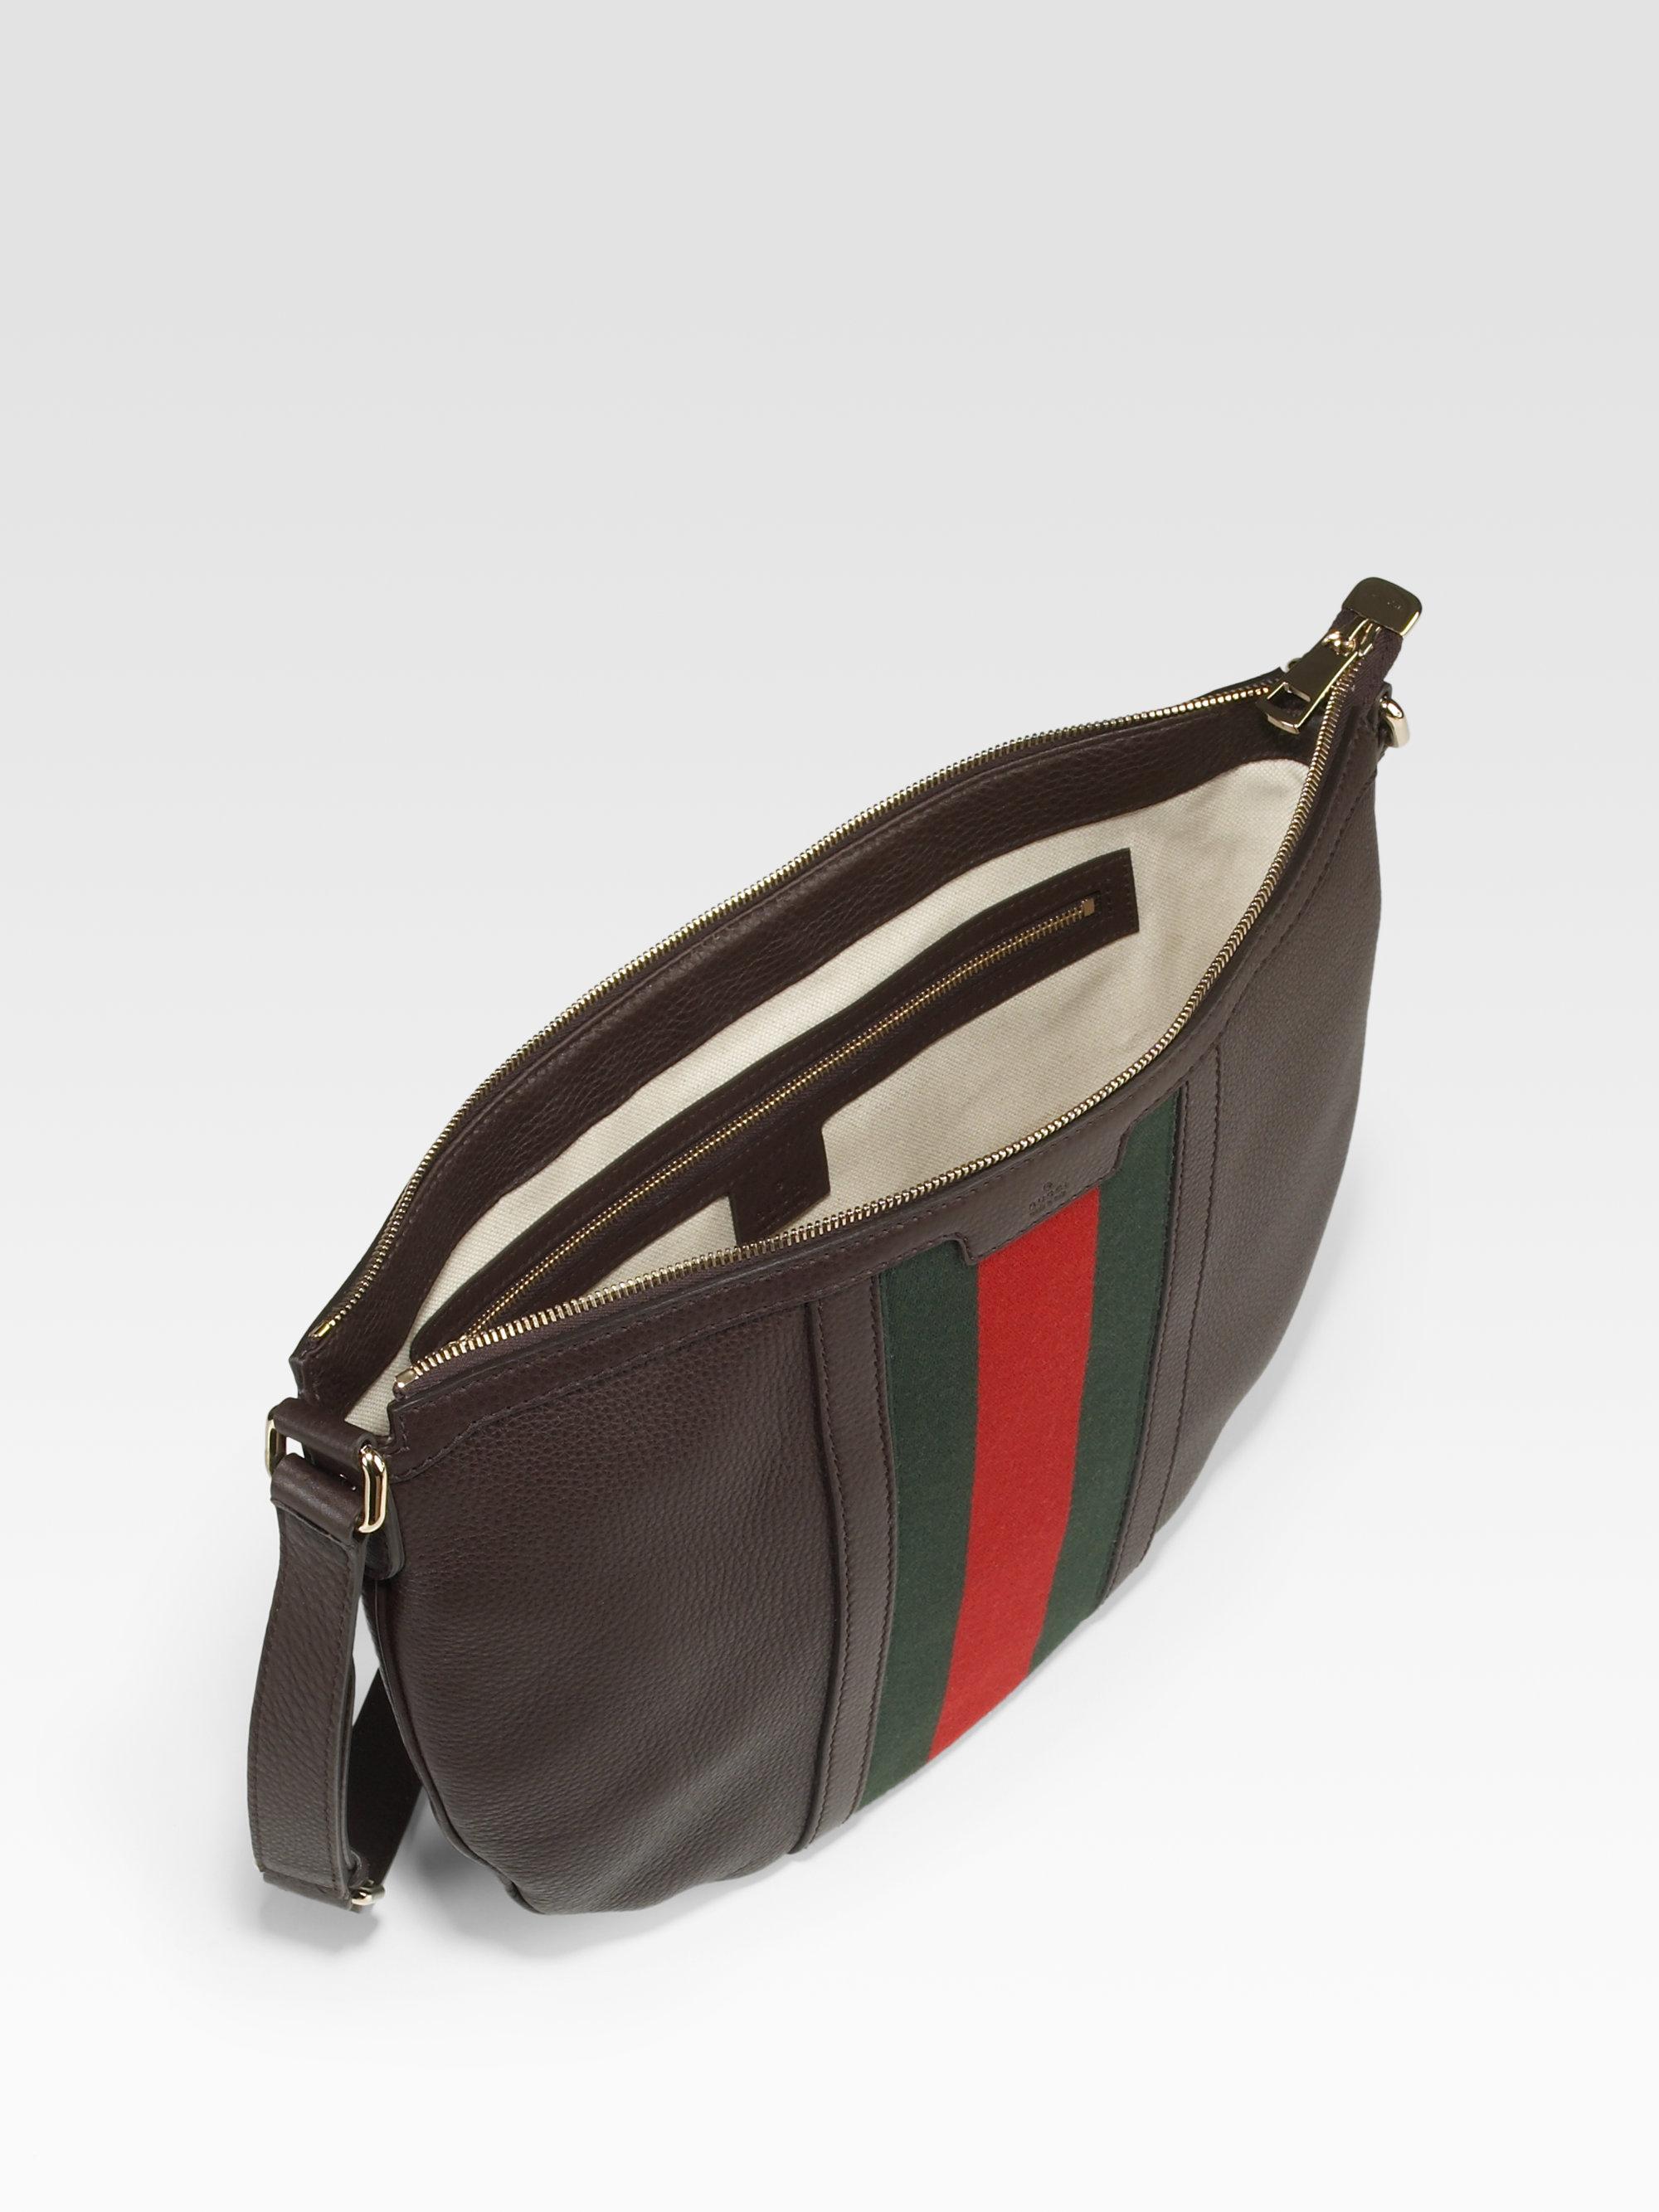 c389d6ecb3 Gucci Vintage Messenger Bag Medium